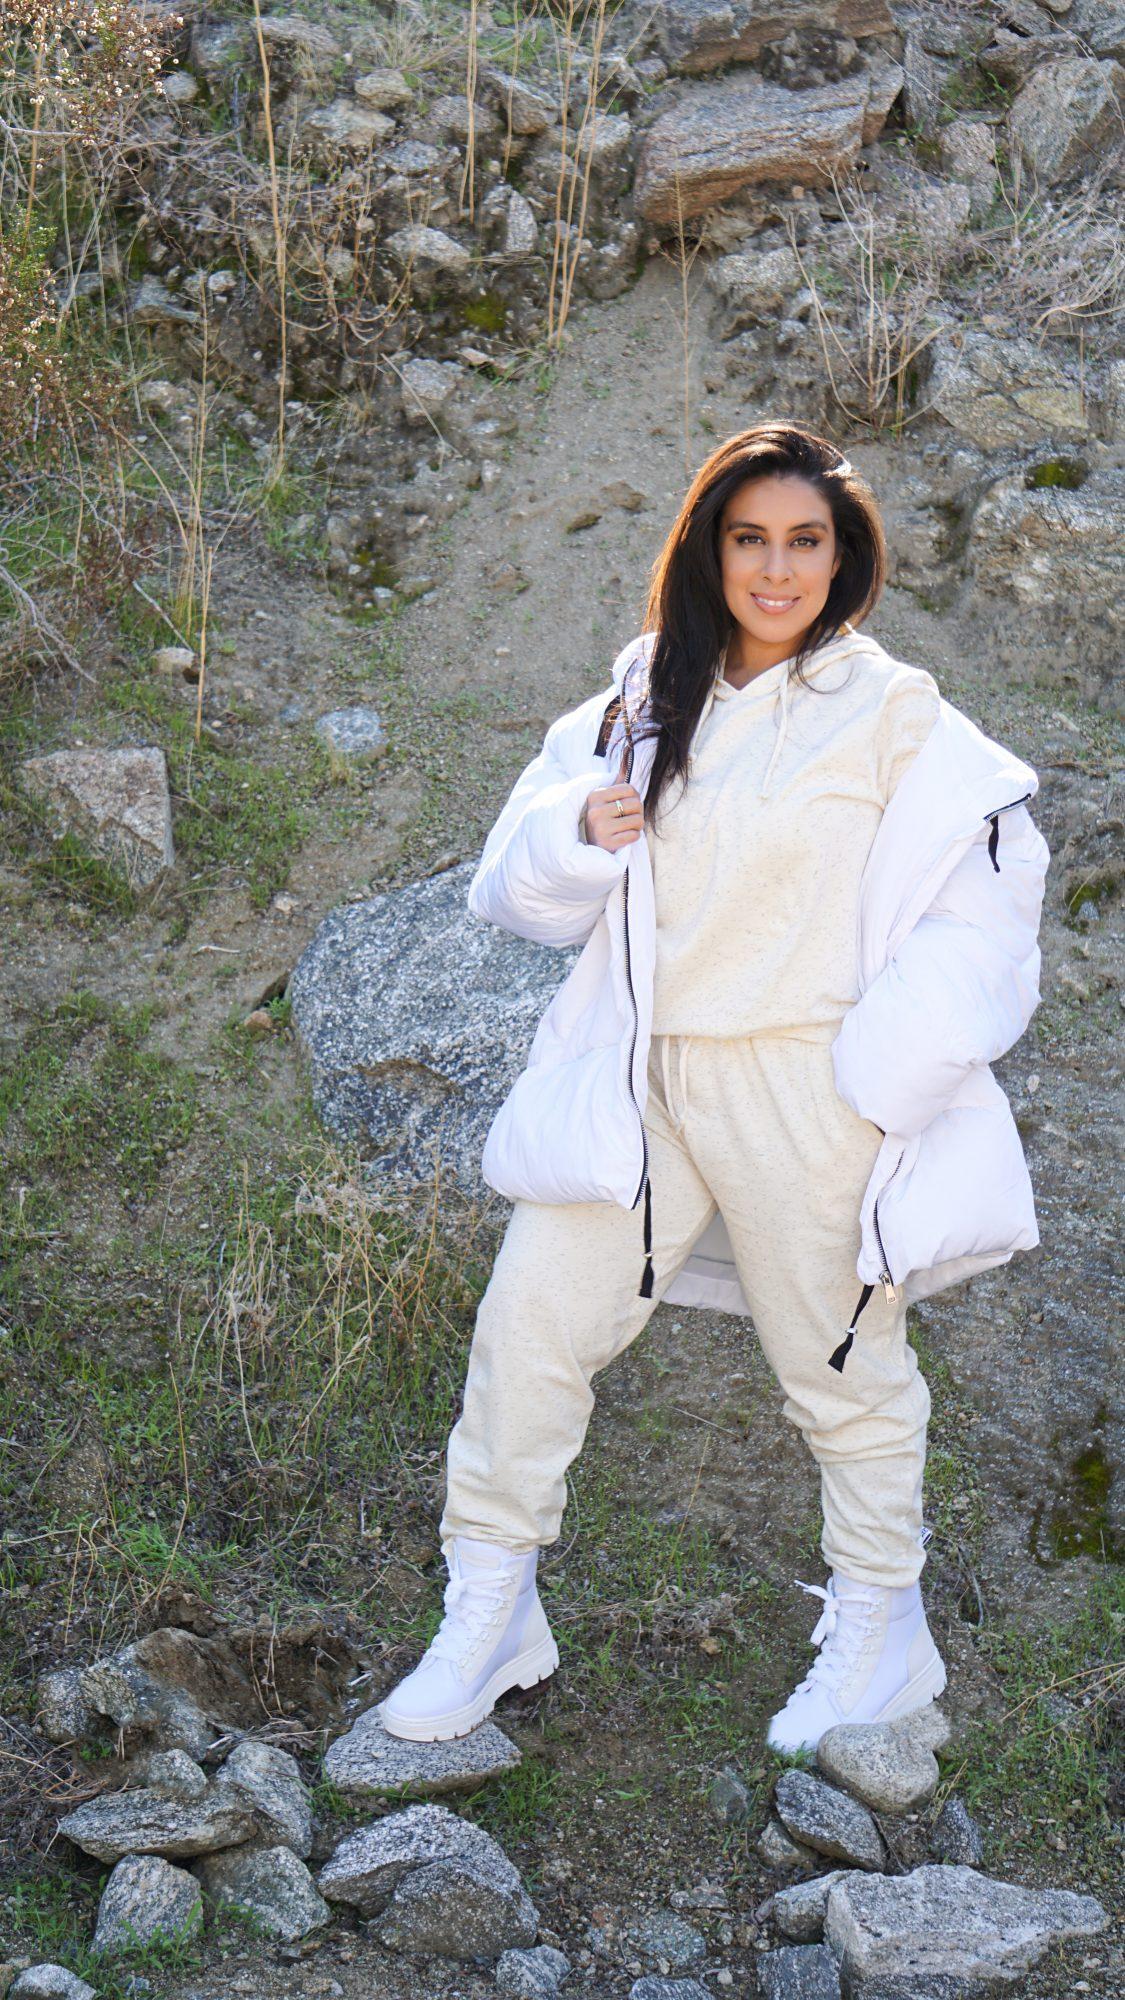 winter-whites-outfit-for-running-errands.jpg